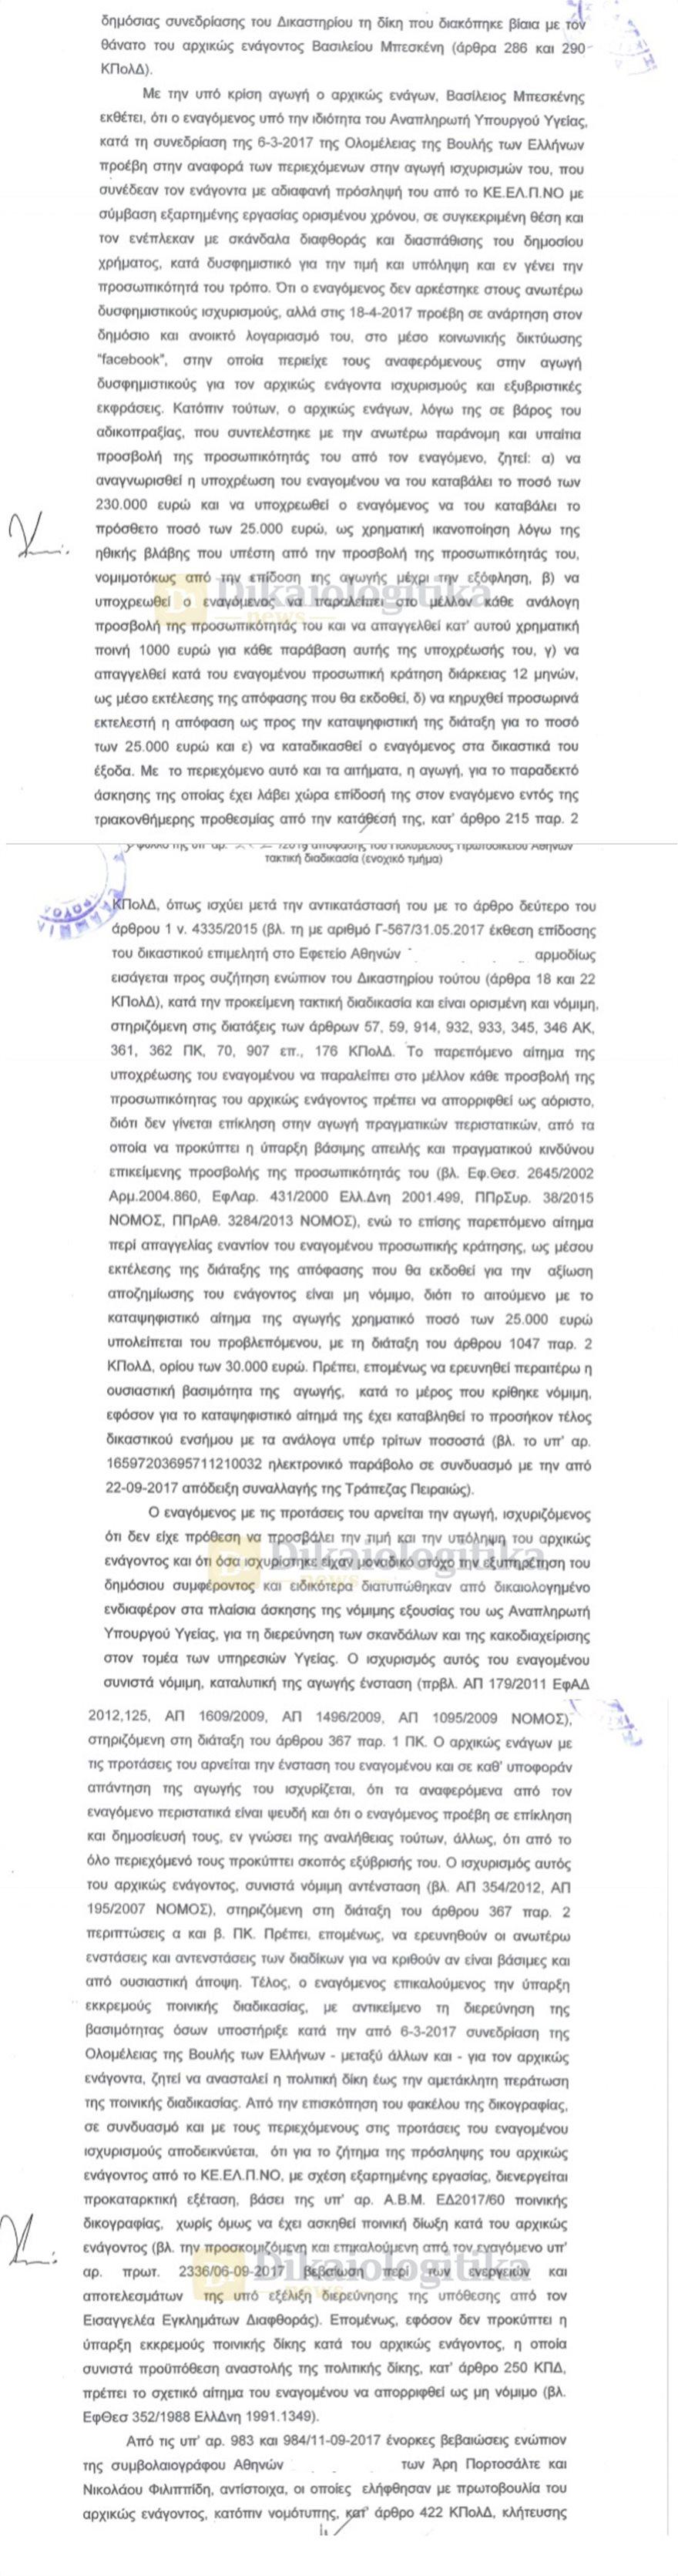 apofasi_polakis1